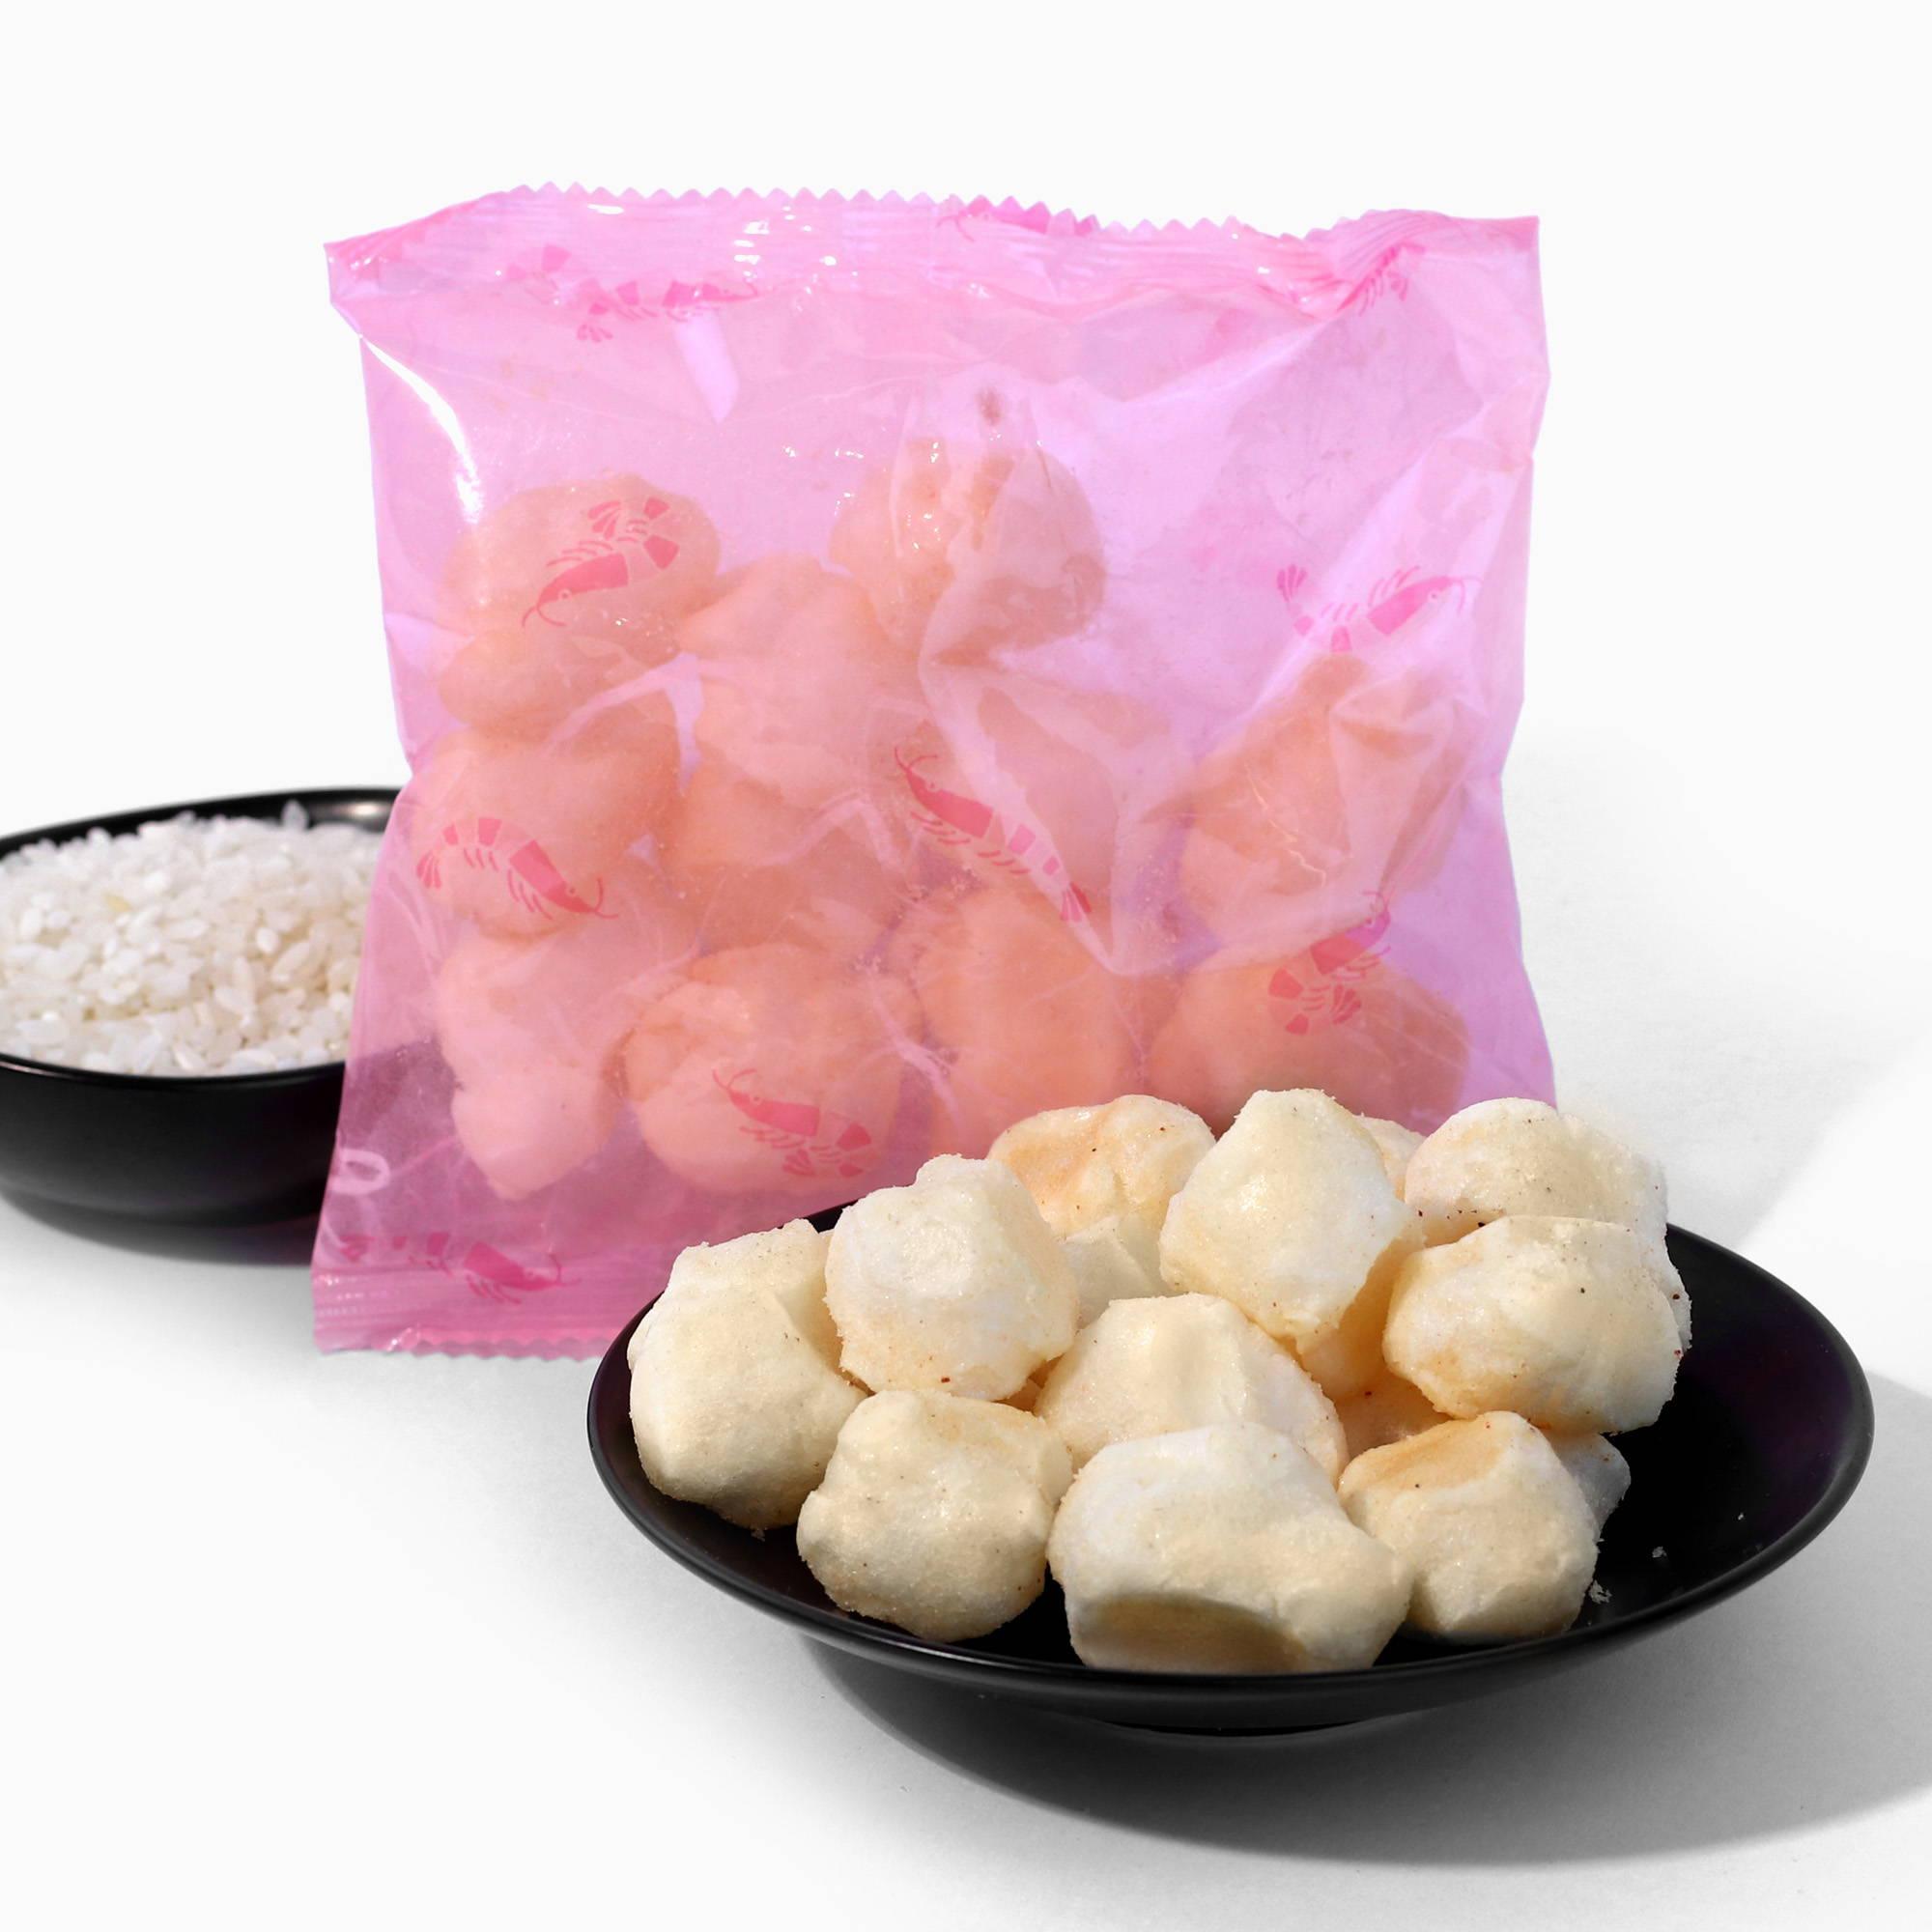 Funwari Meijin Mochi Puffs: Sakura Shrimp